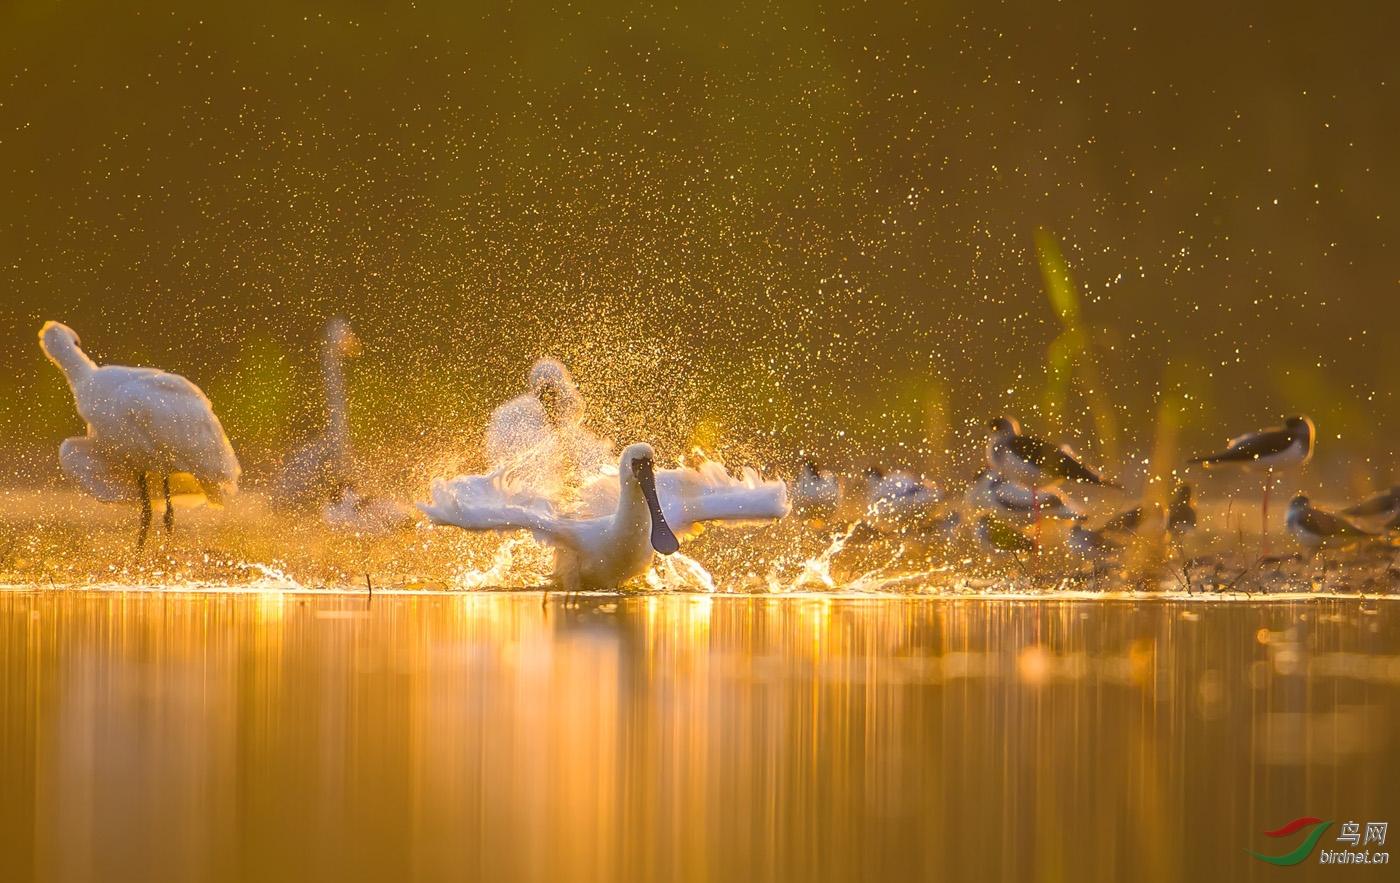 《沐浴阳光》-类别A:自然--星期五.jpg